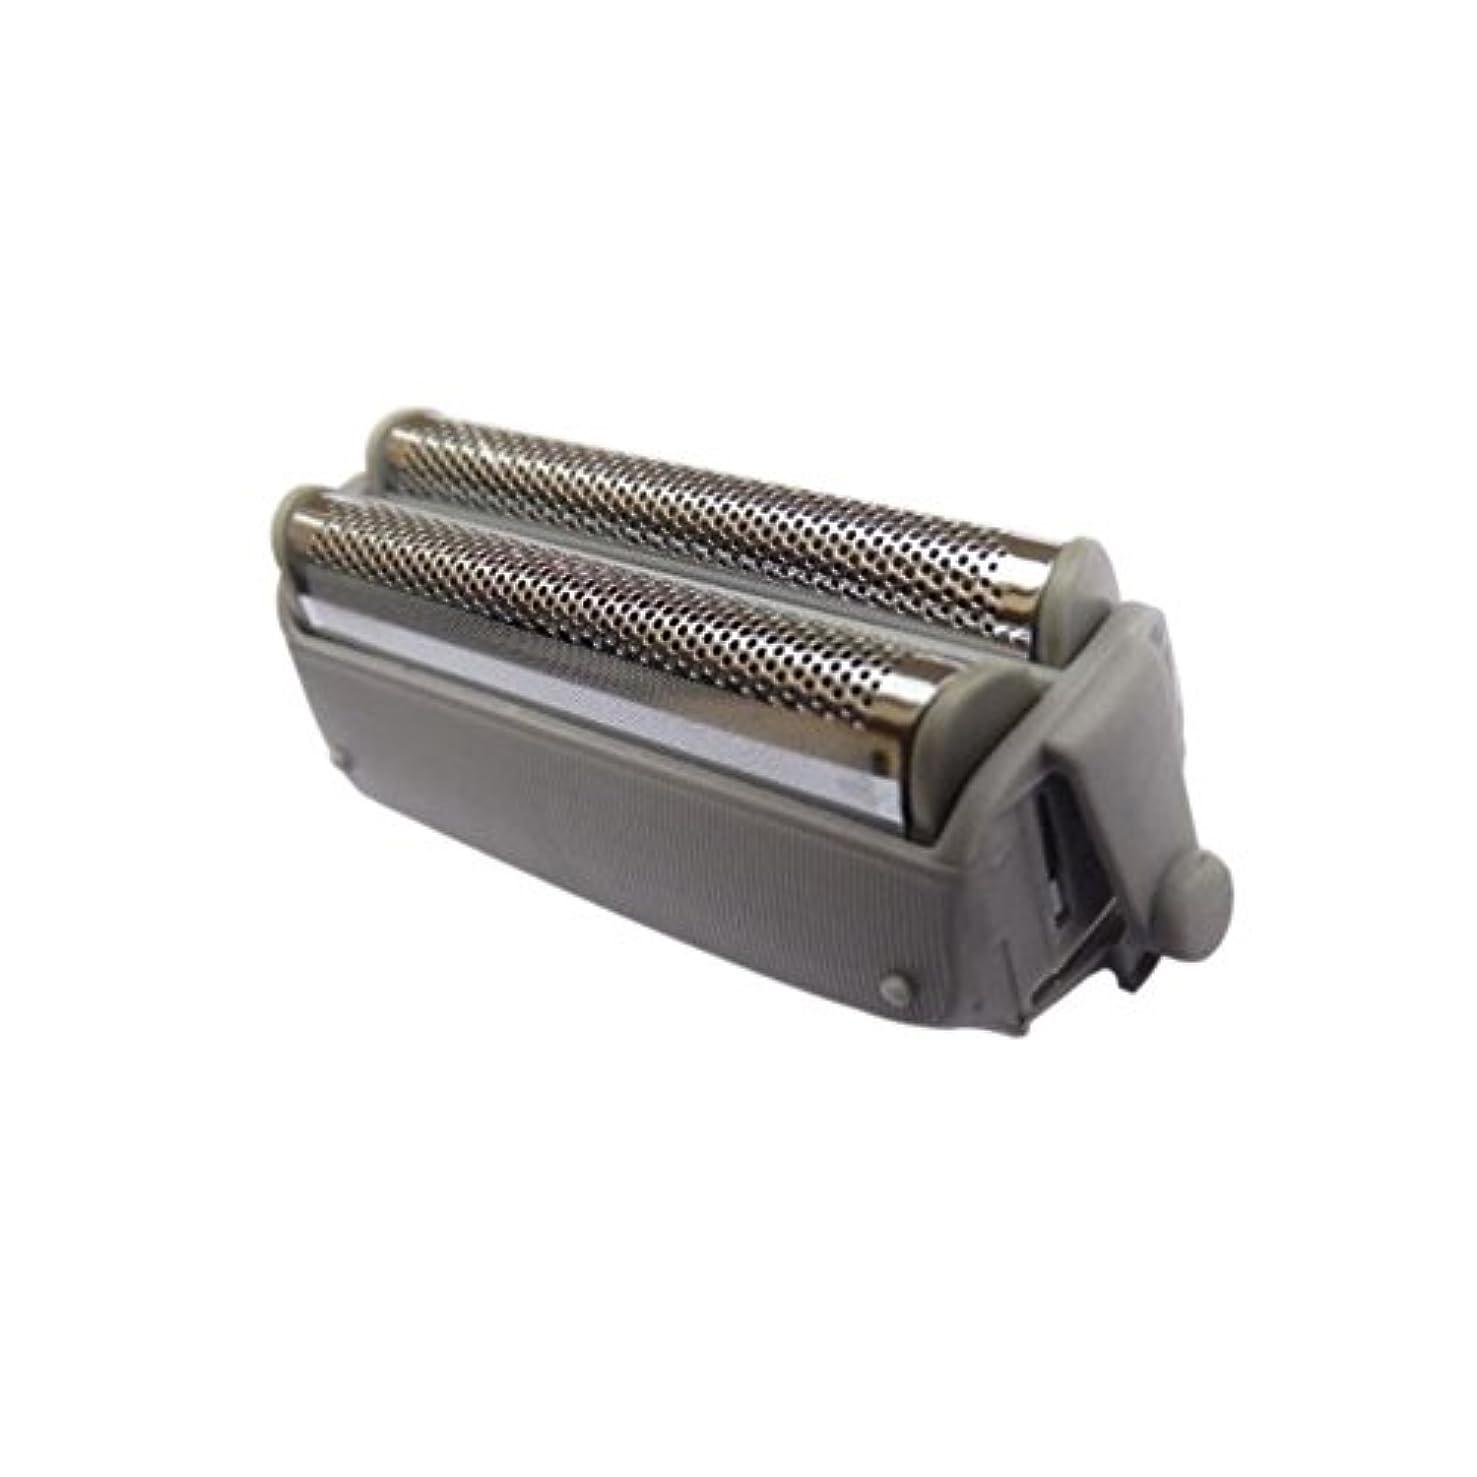 援助同じ程度HZjundasi Replacement Outer ホイル for Panasonic ES4035/RW30 ES9859